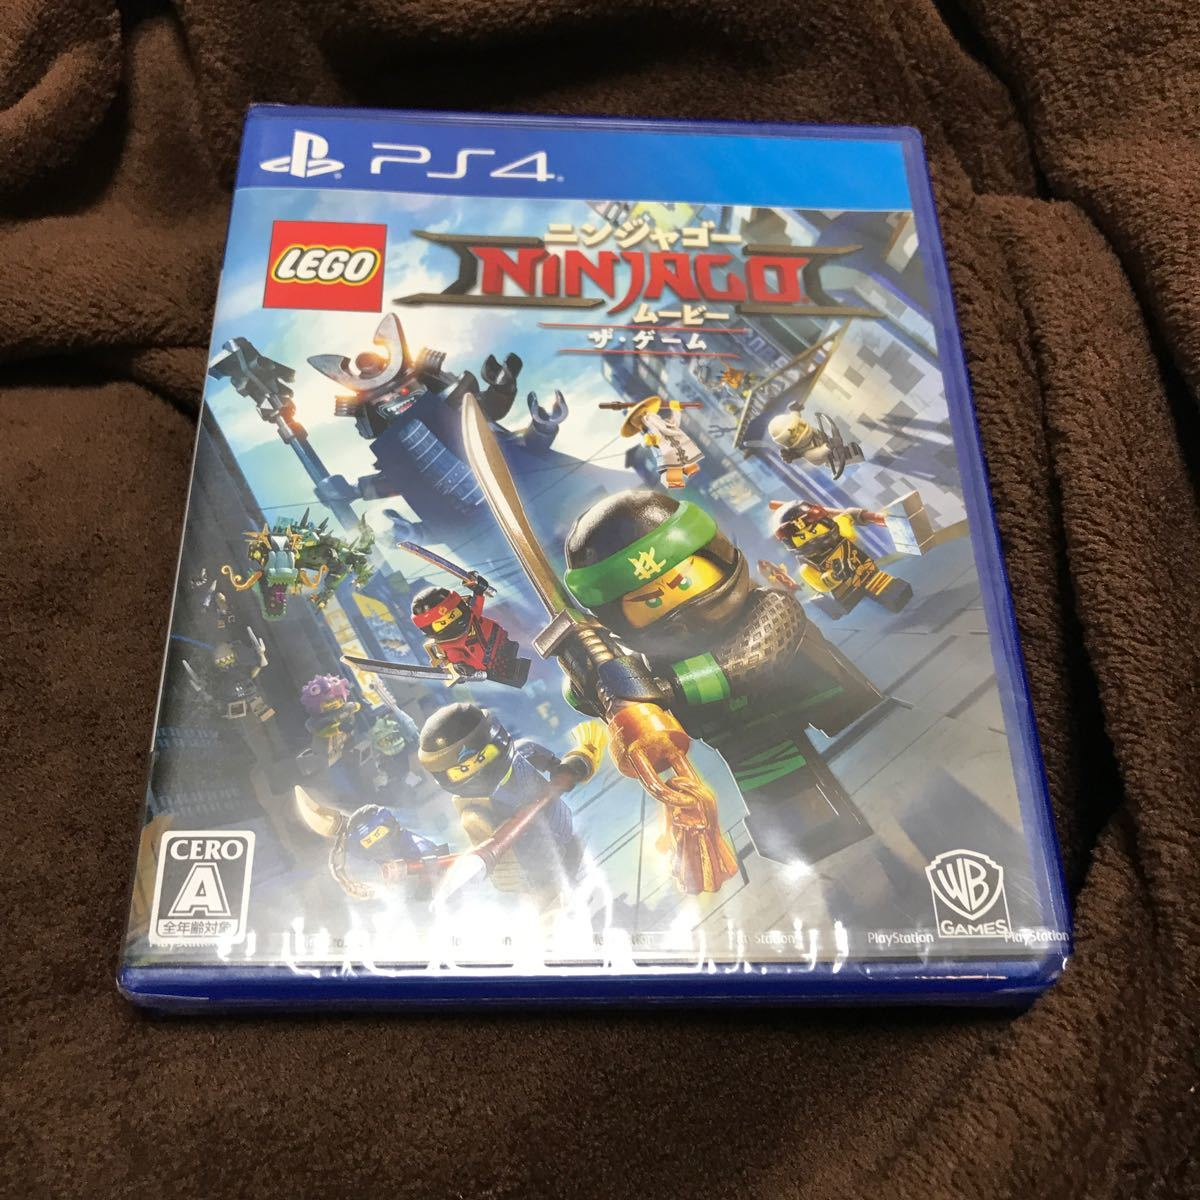 【PS4】 レゴ ニンジャゴー ムービーザ・ゲーム未使用未開封品です